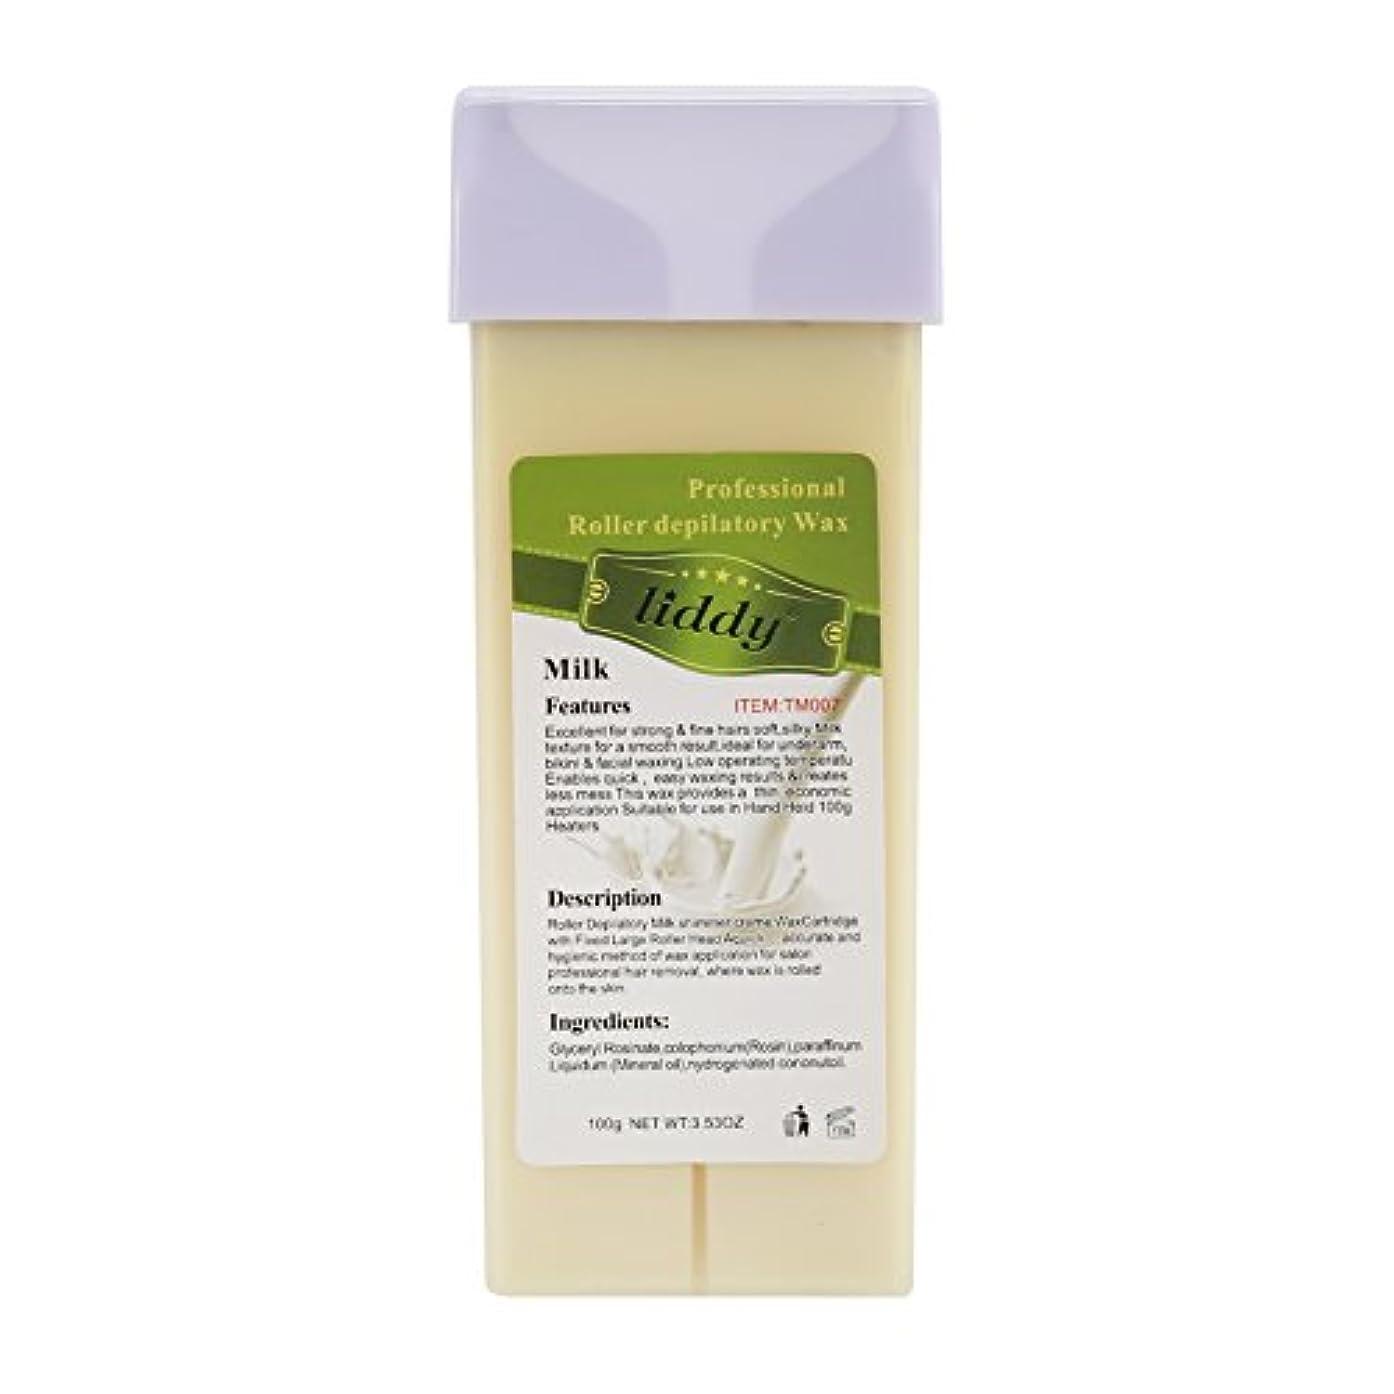 ラブ覗く受付Liebeye 水溶性脱毛ワックス 脱毛プロフェッショナル使用 瓶詰めワックス いい香り100g/3.53oz ミルク